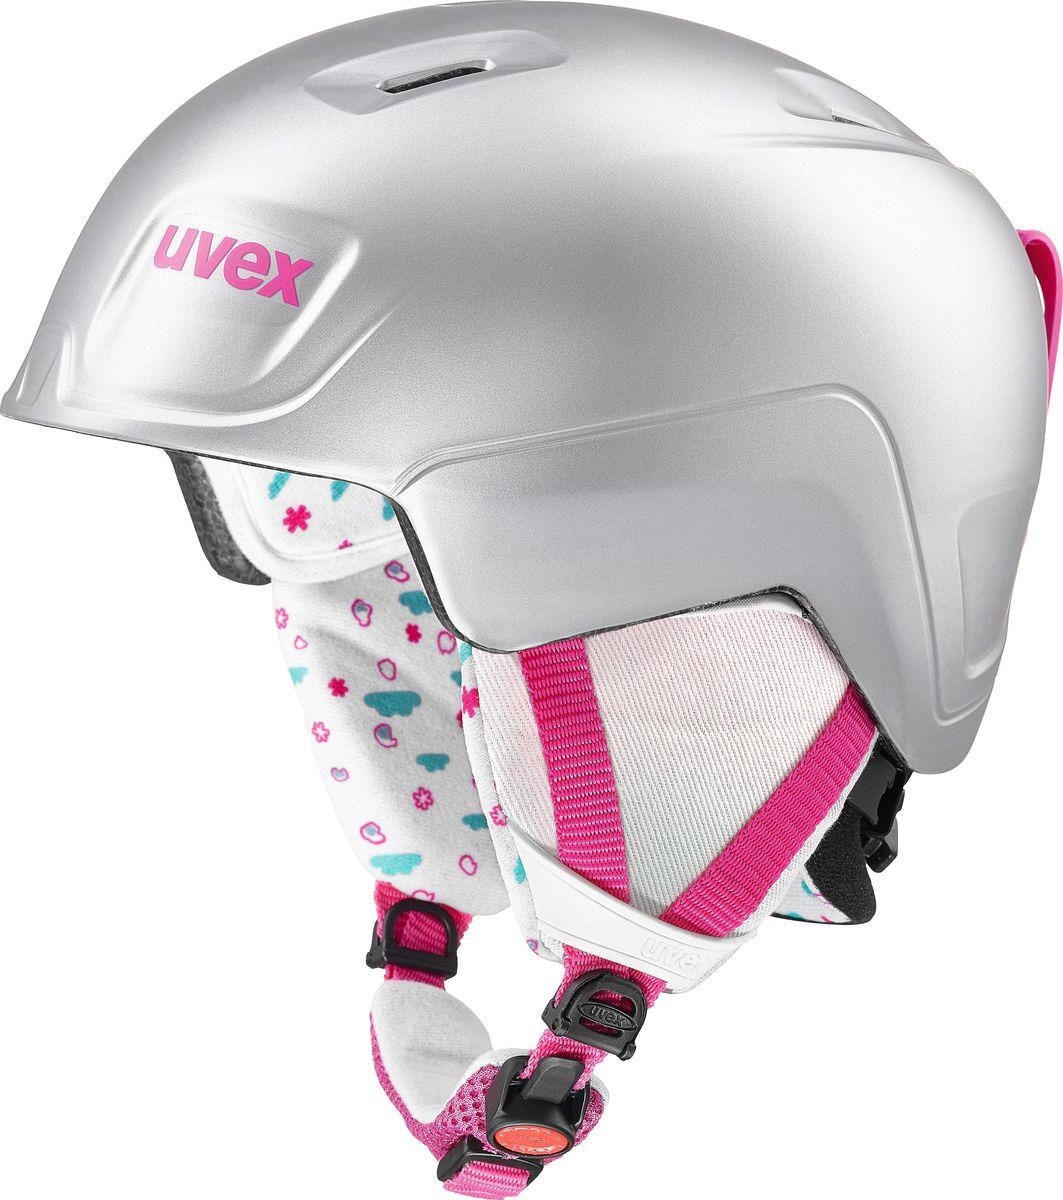 Шлем горнолыжный для девочки Uvex Manic Pro Kid's Helmet, 6224-59, серый, розовый. Размер 46/50 шлем горнолыжный salomon helmet brigade audio grey forest gr размер l 58 59